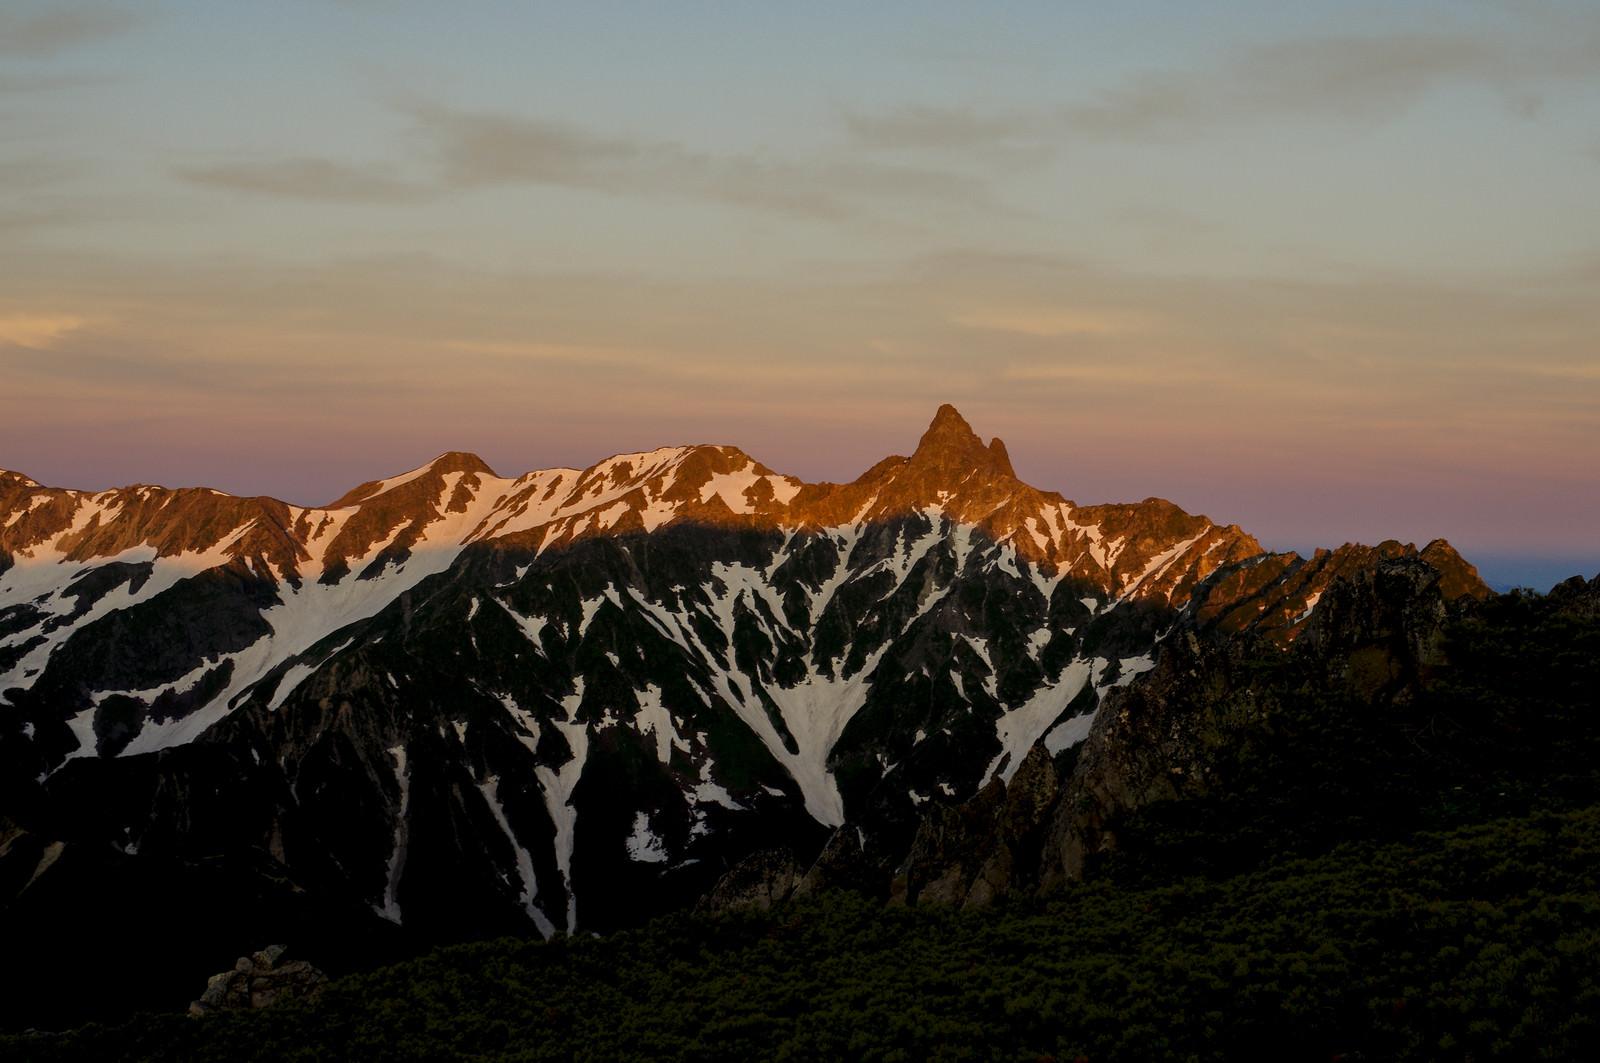 「朝日に燃える槍ヶ岳(常念岳)」の写真